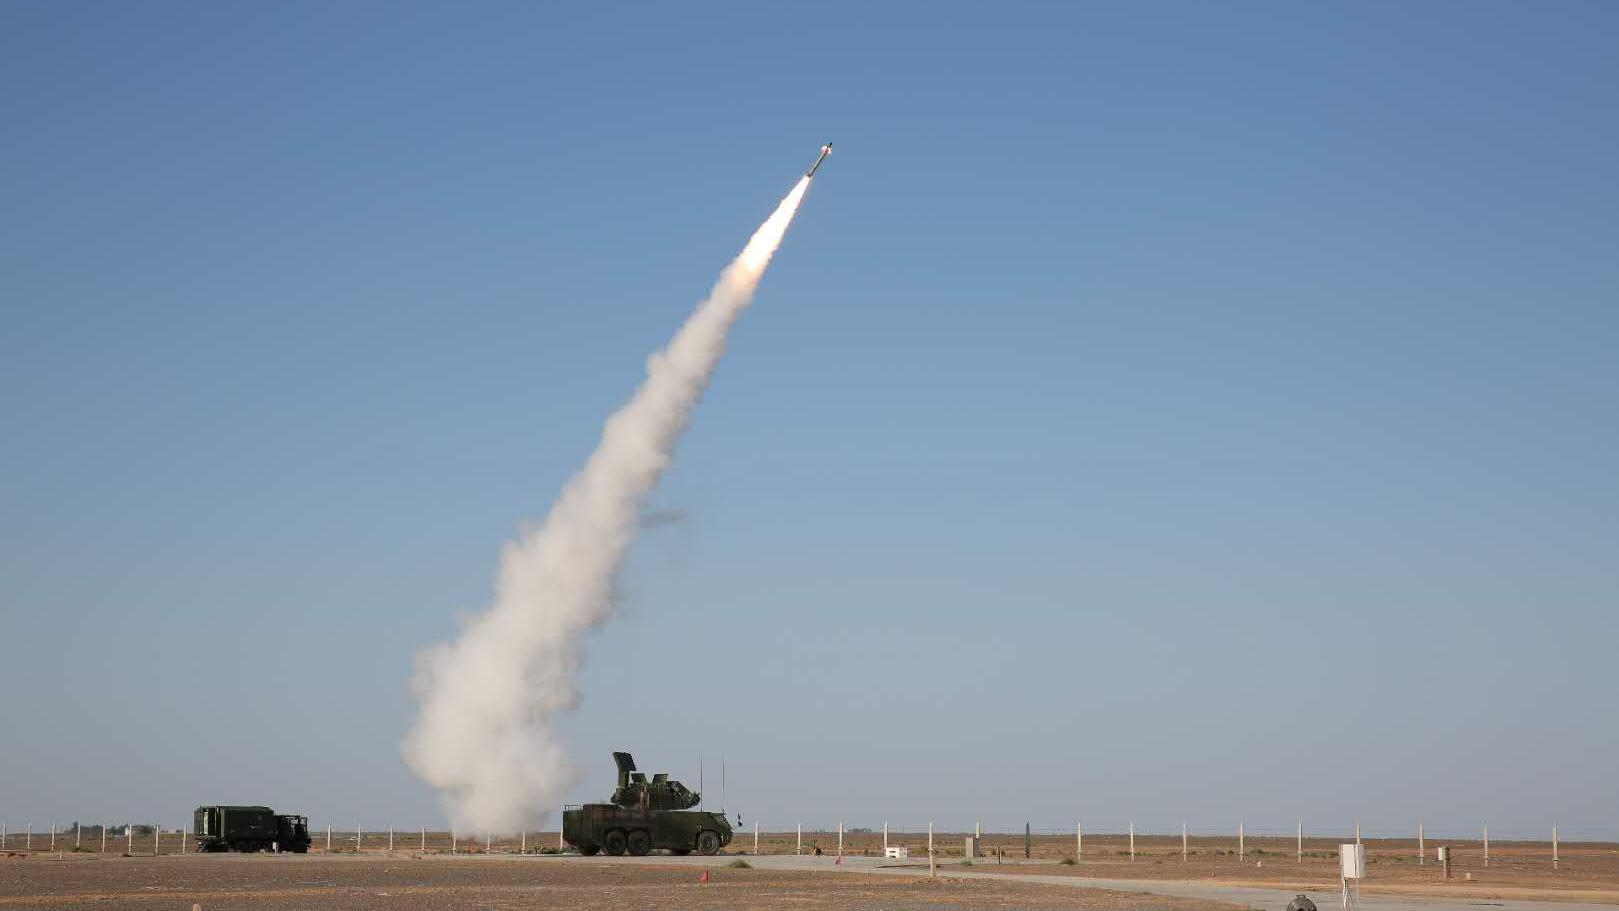 低空猎手!我国新一代防空导弹HQ-17AE亮相